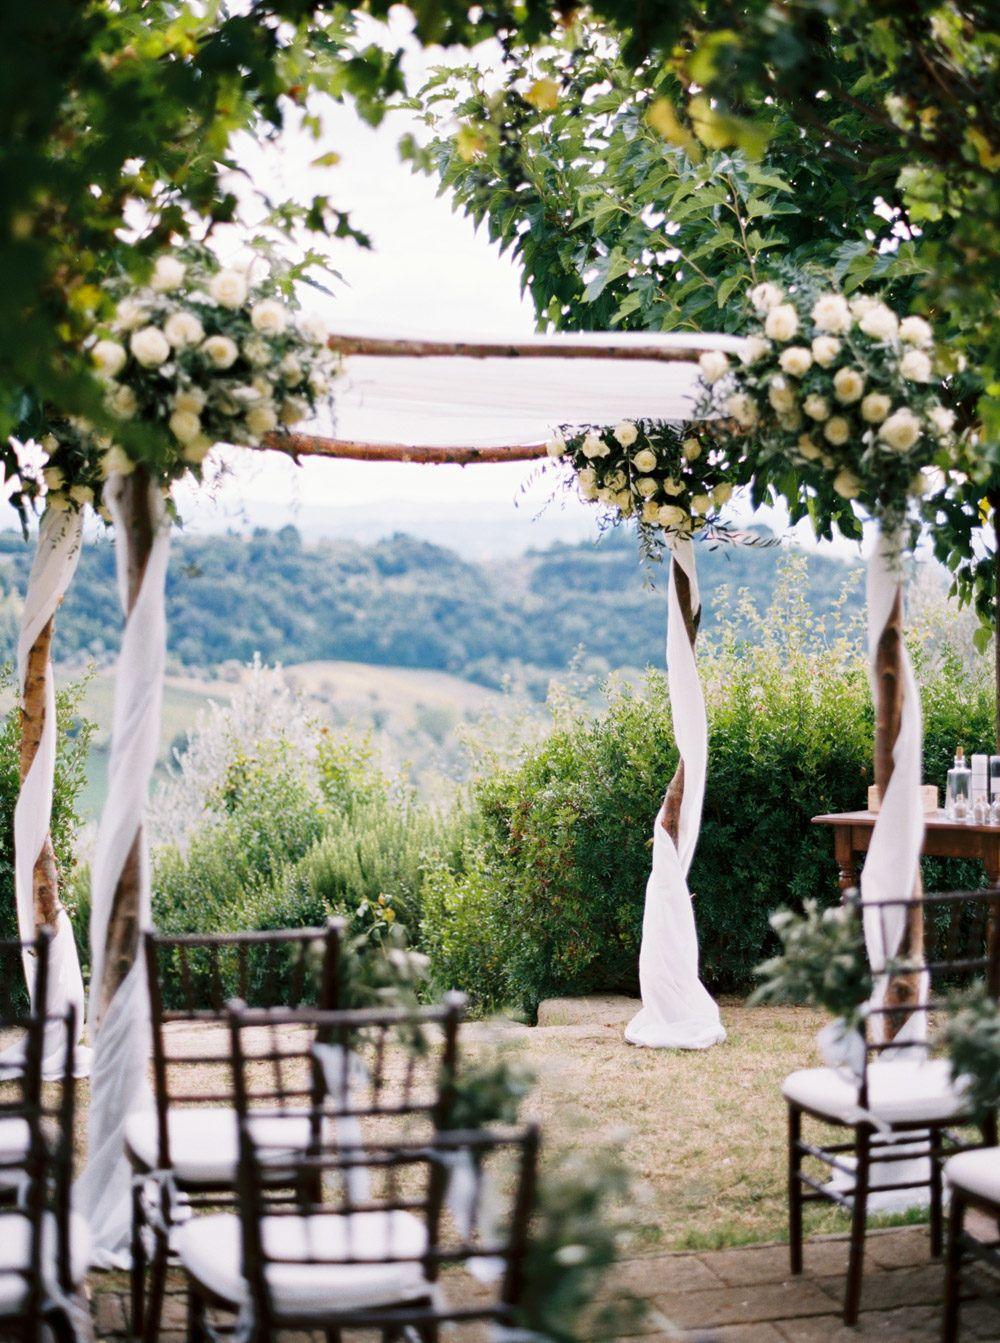 Classic Tuscan Villa Wedding in 2020 | Tuscan wedding ...